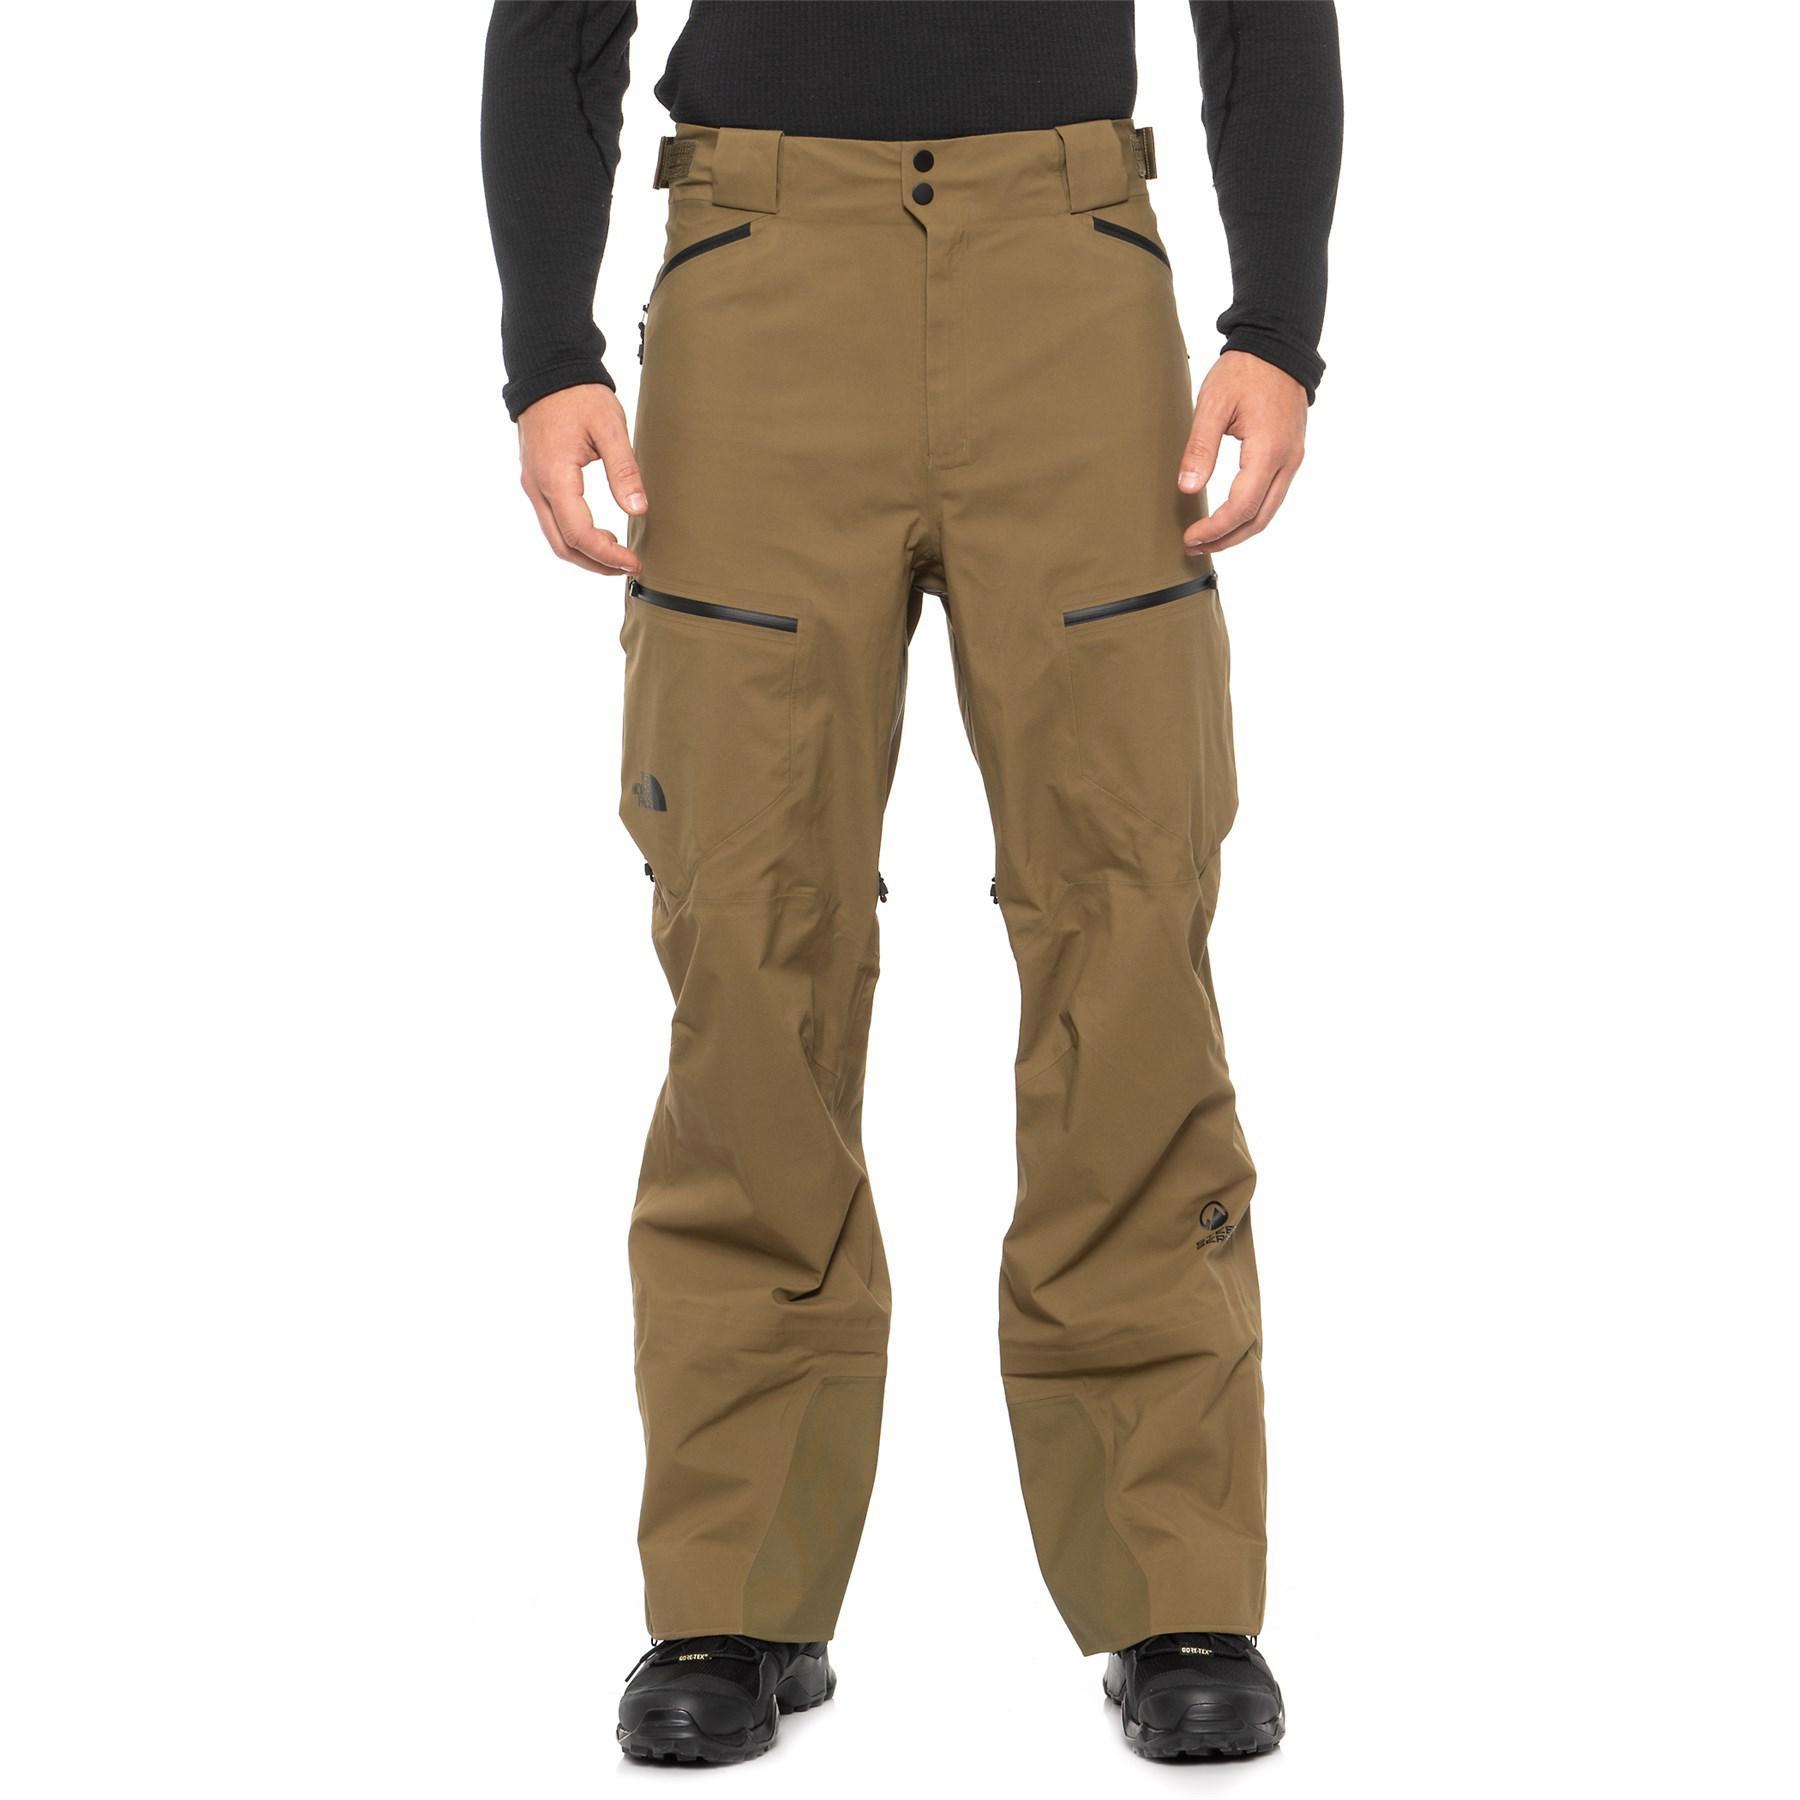 c9ed5cb37 The North Face Multicolor Purist Gore-tex® Ski Pants for men